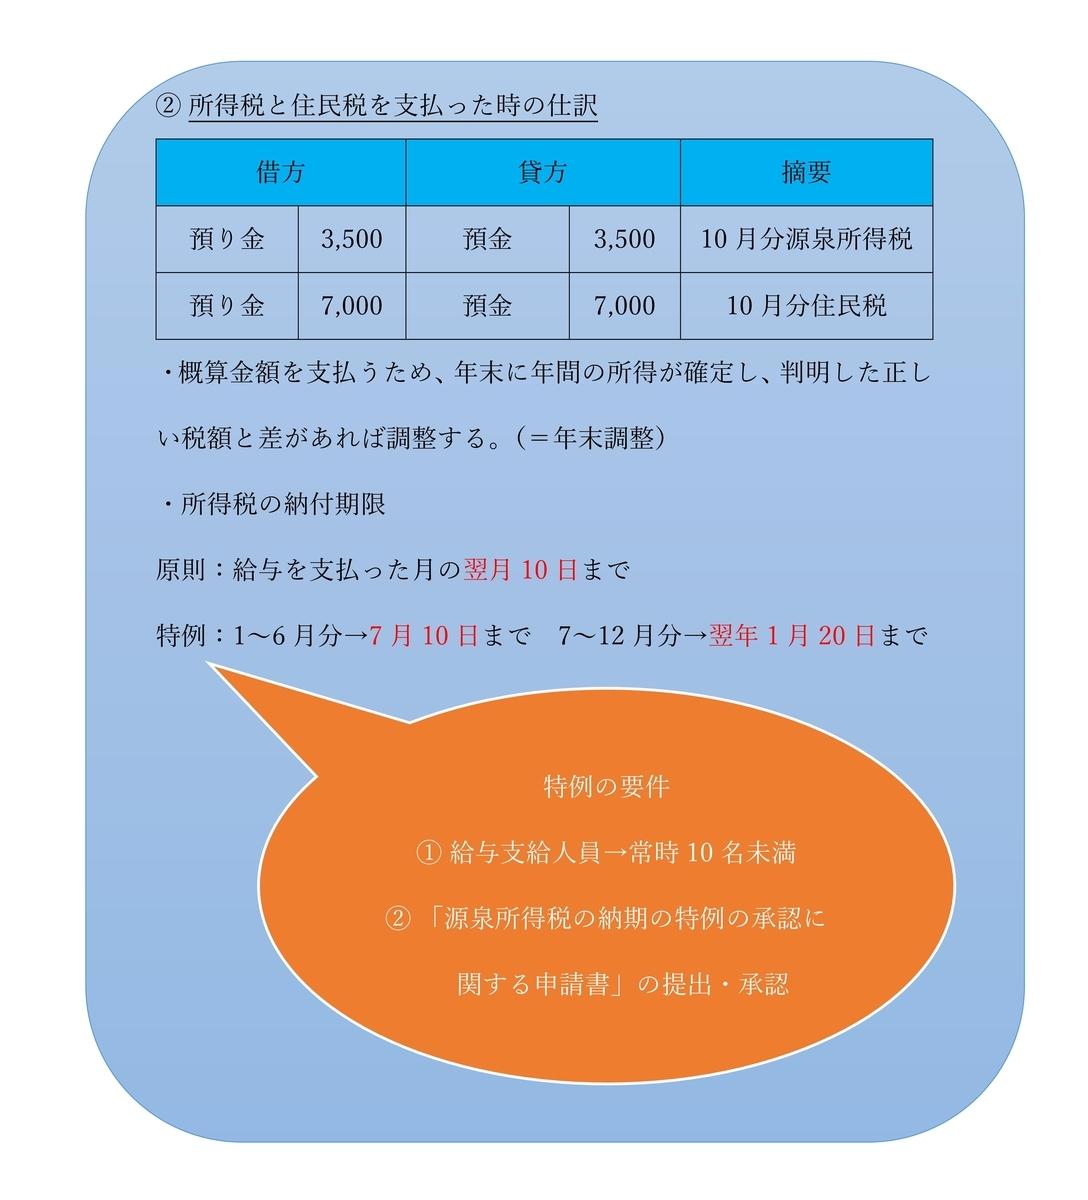 f:id:kokosapo:20210129143426j:plain